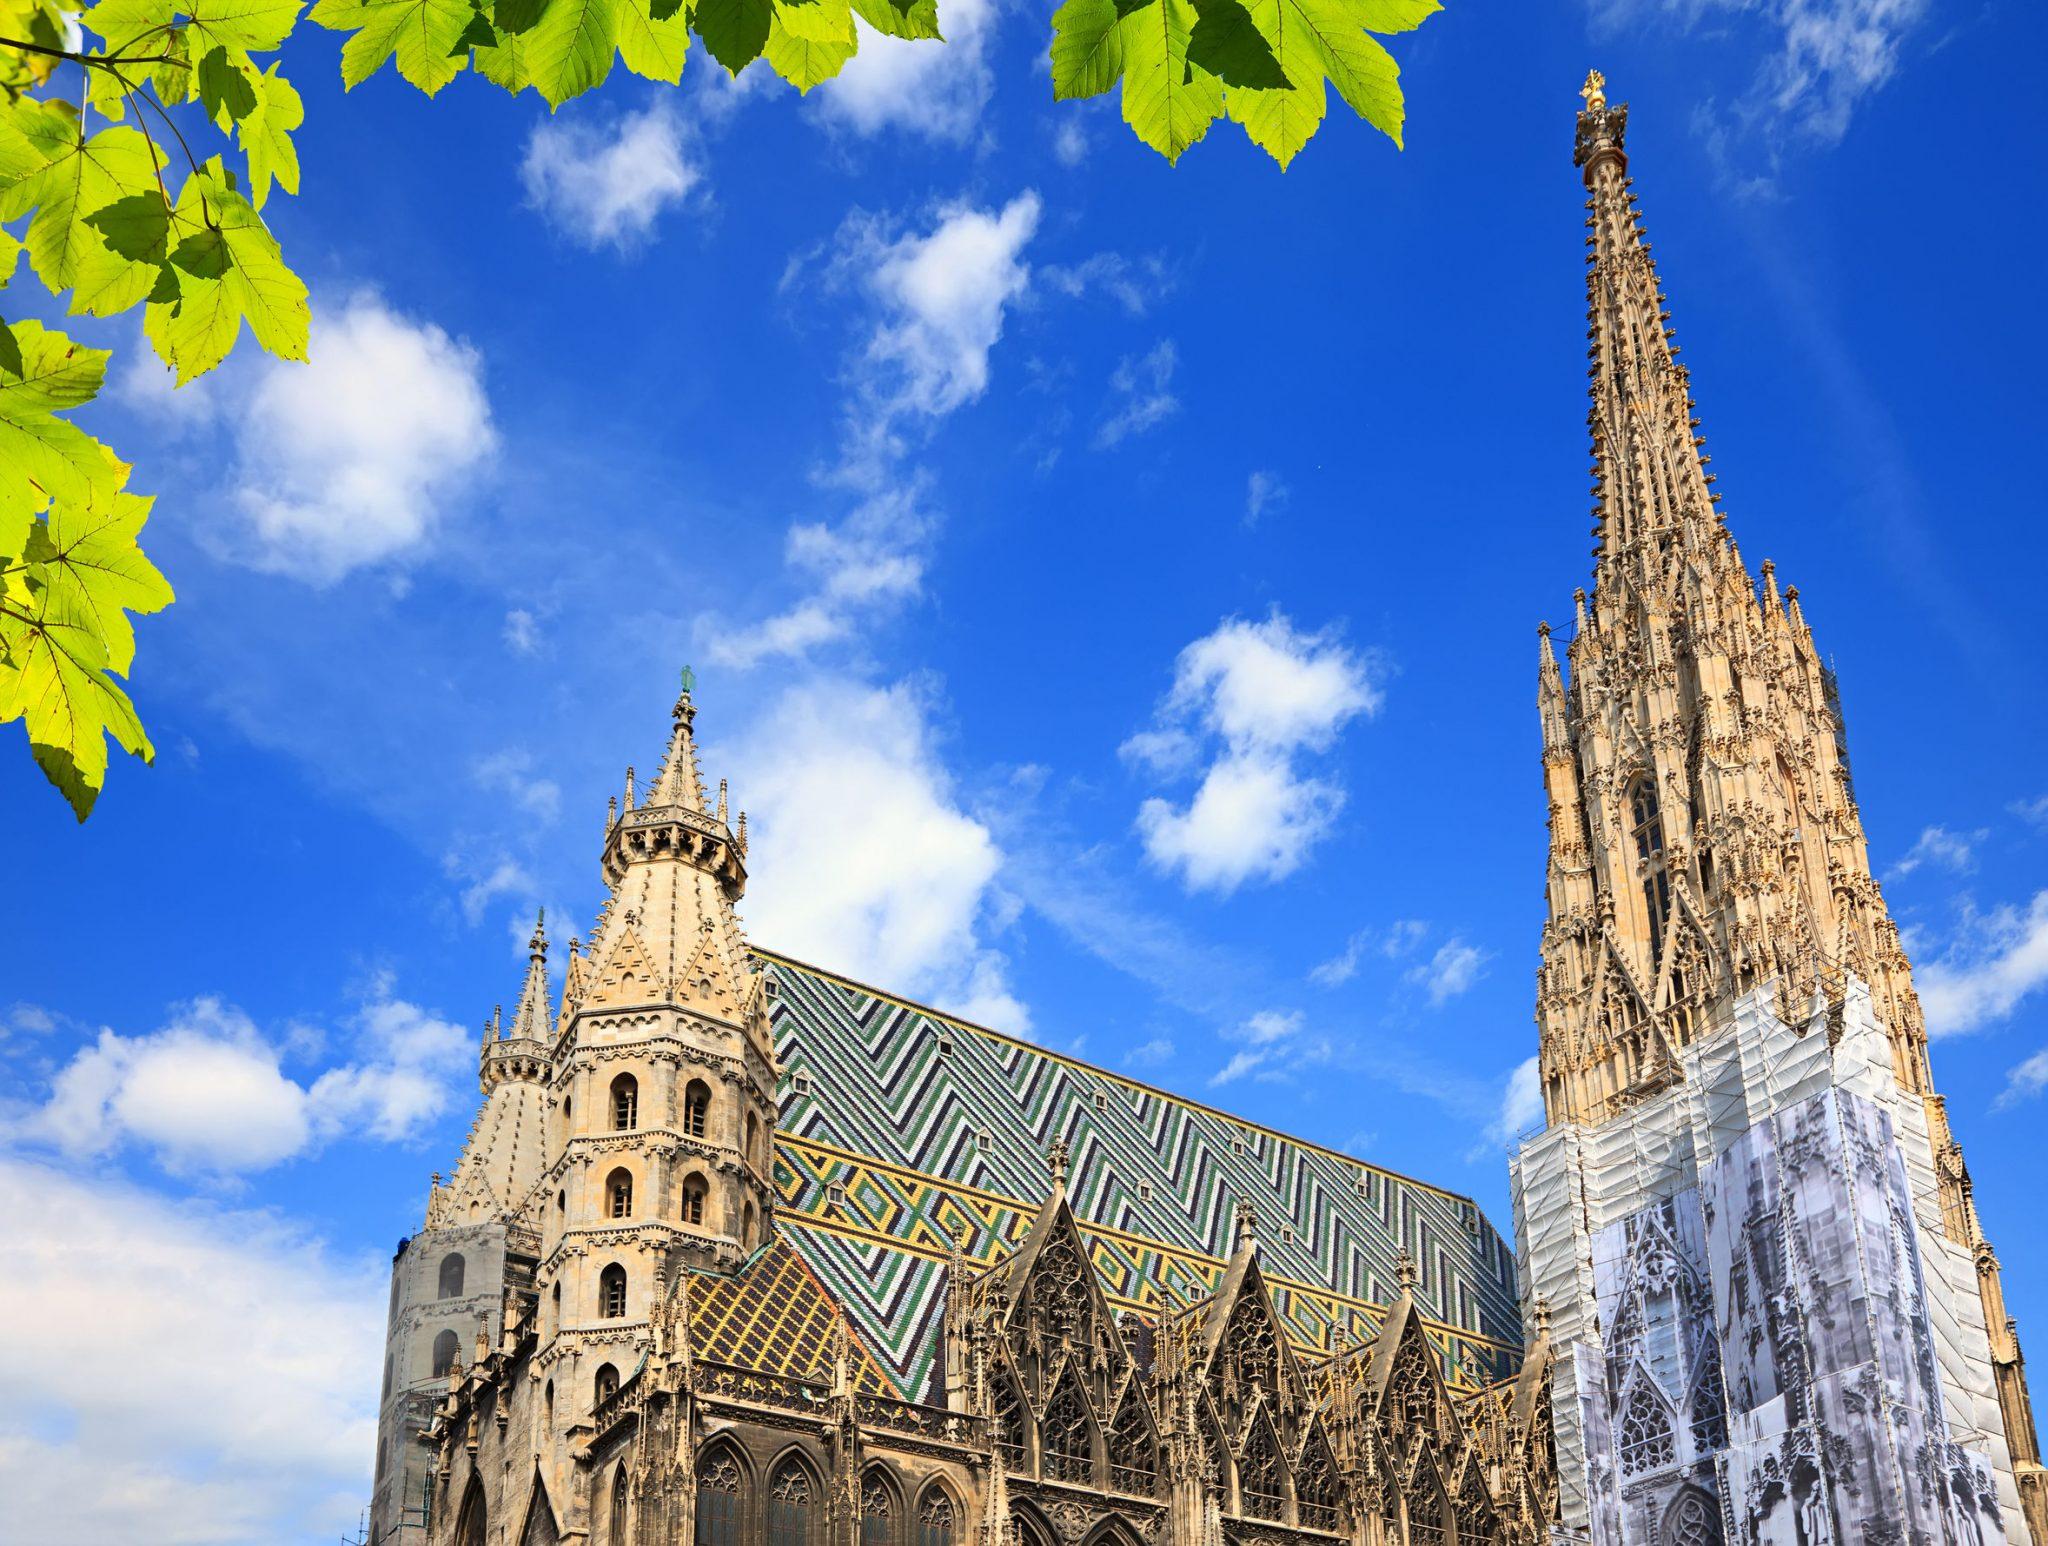 web stranica za gotičke upoznavanja